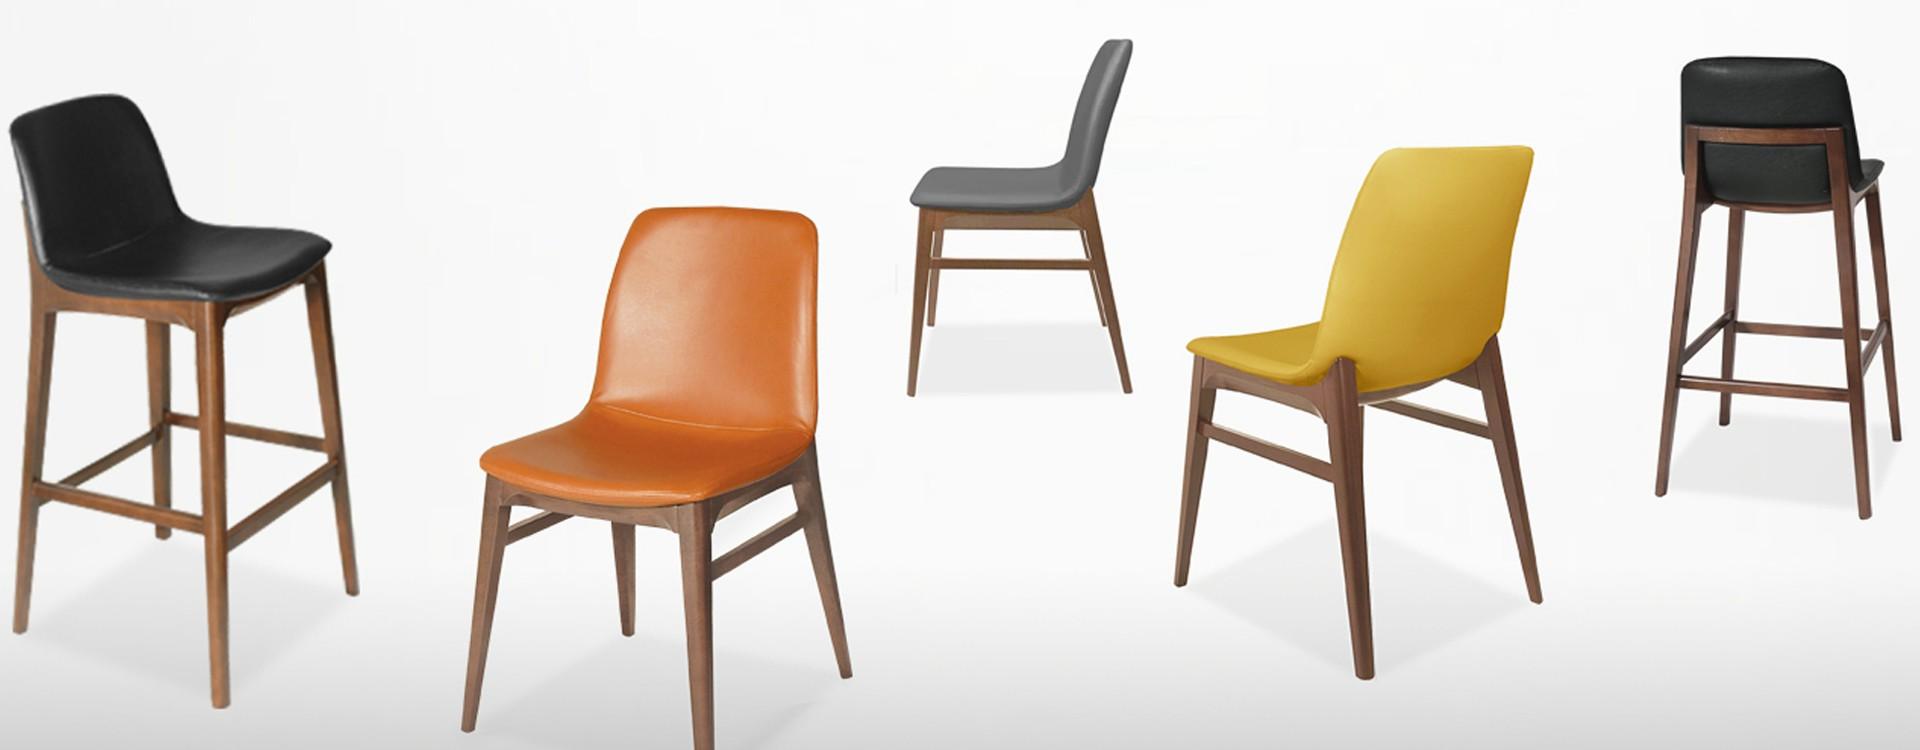 زیباترین مدل های صندلی چوبی و روش انتخاب درست صندلی چوبی